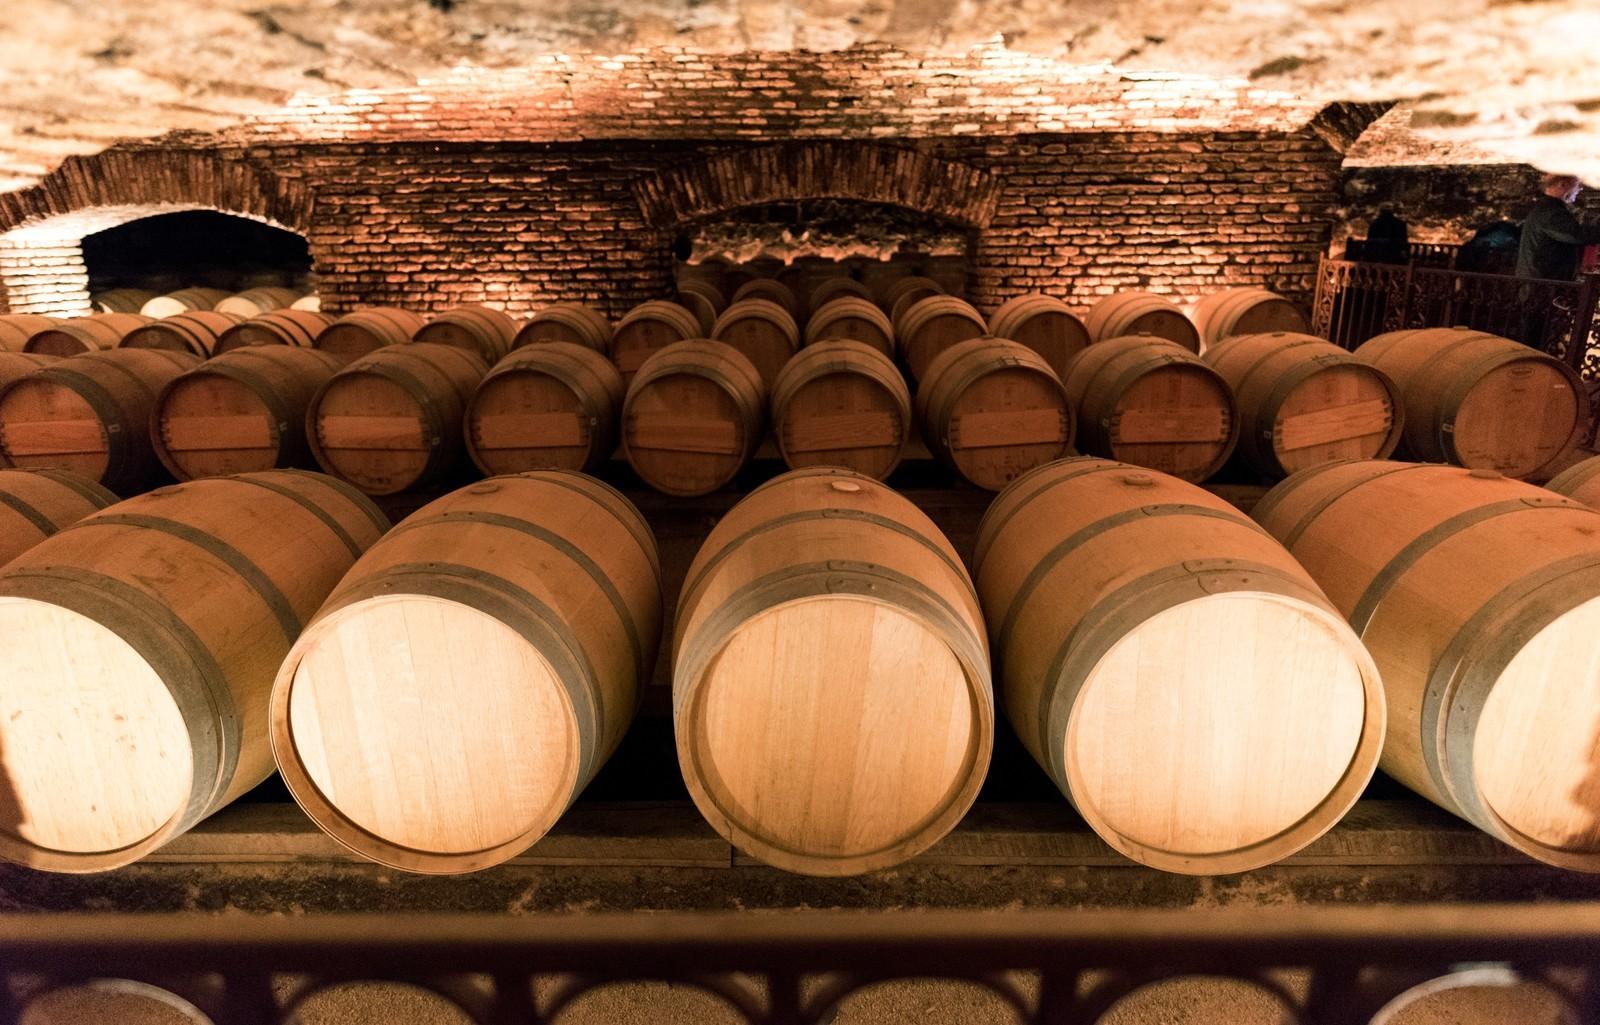 モルドバは治安もよくて観光におすすめ!ワイン・料理を堪能できるスポットは?